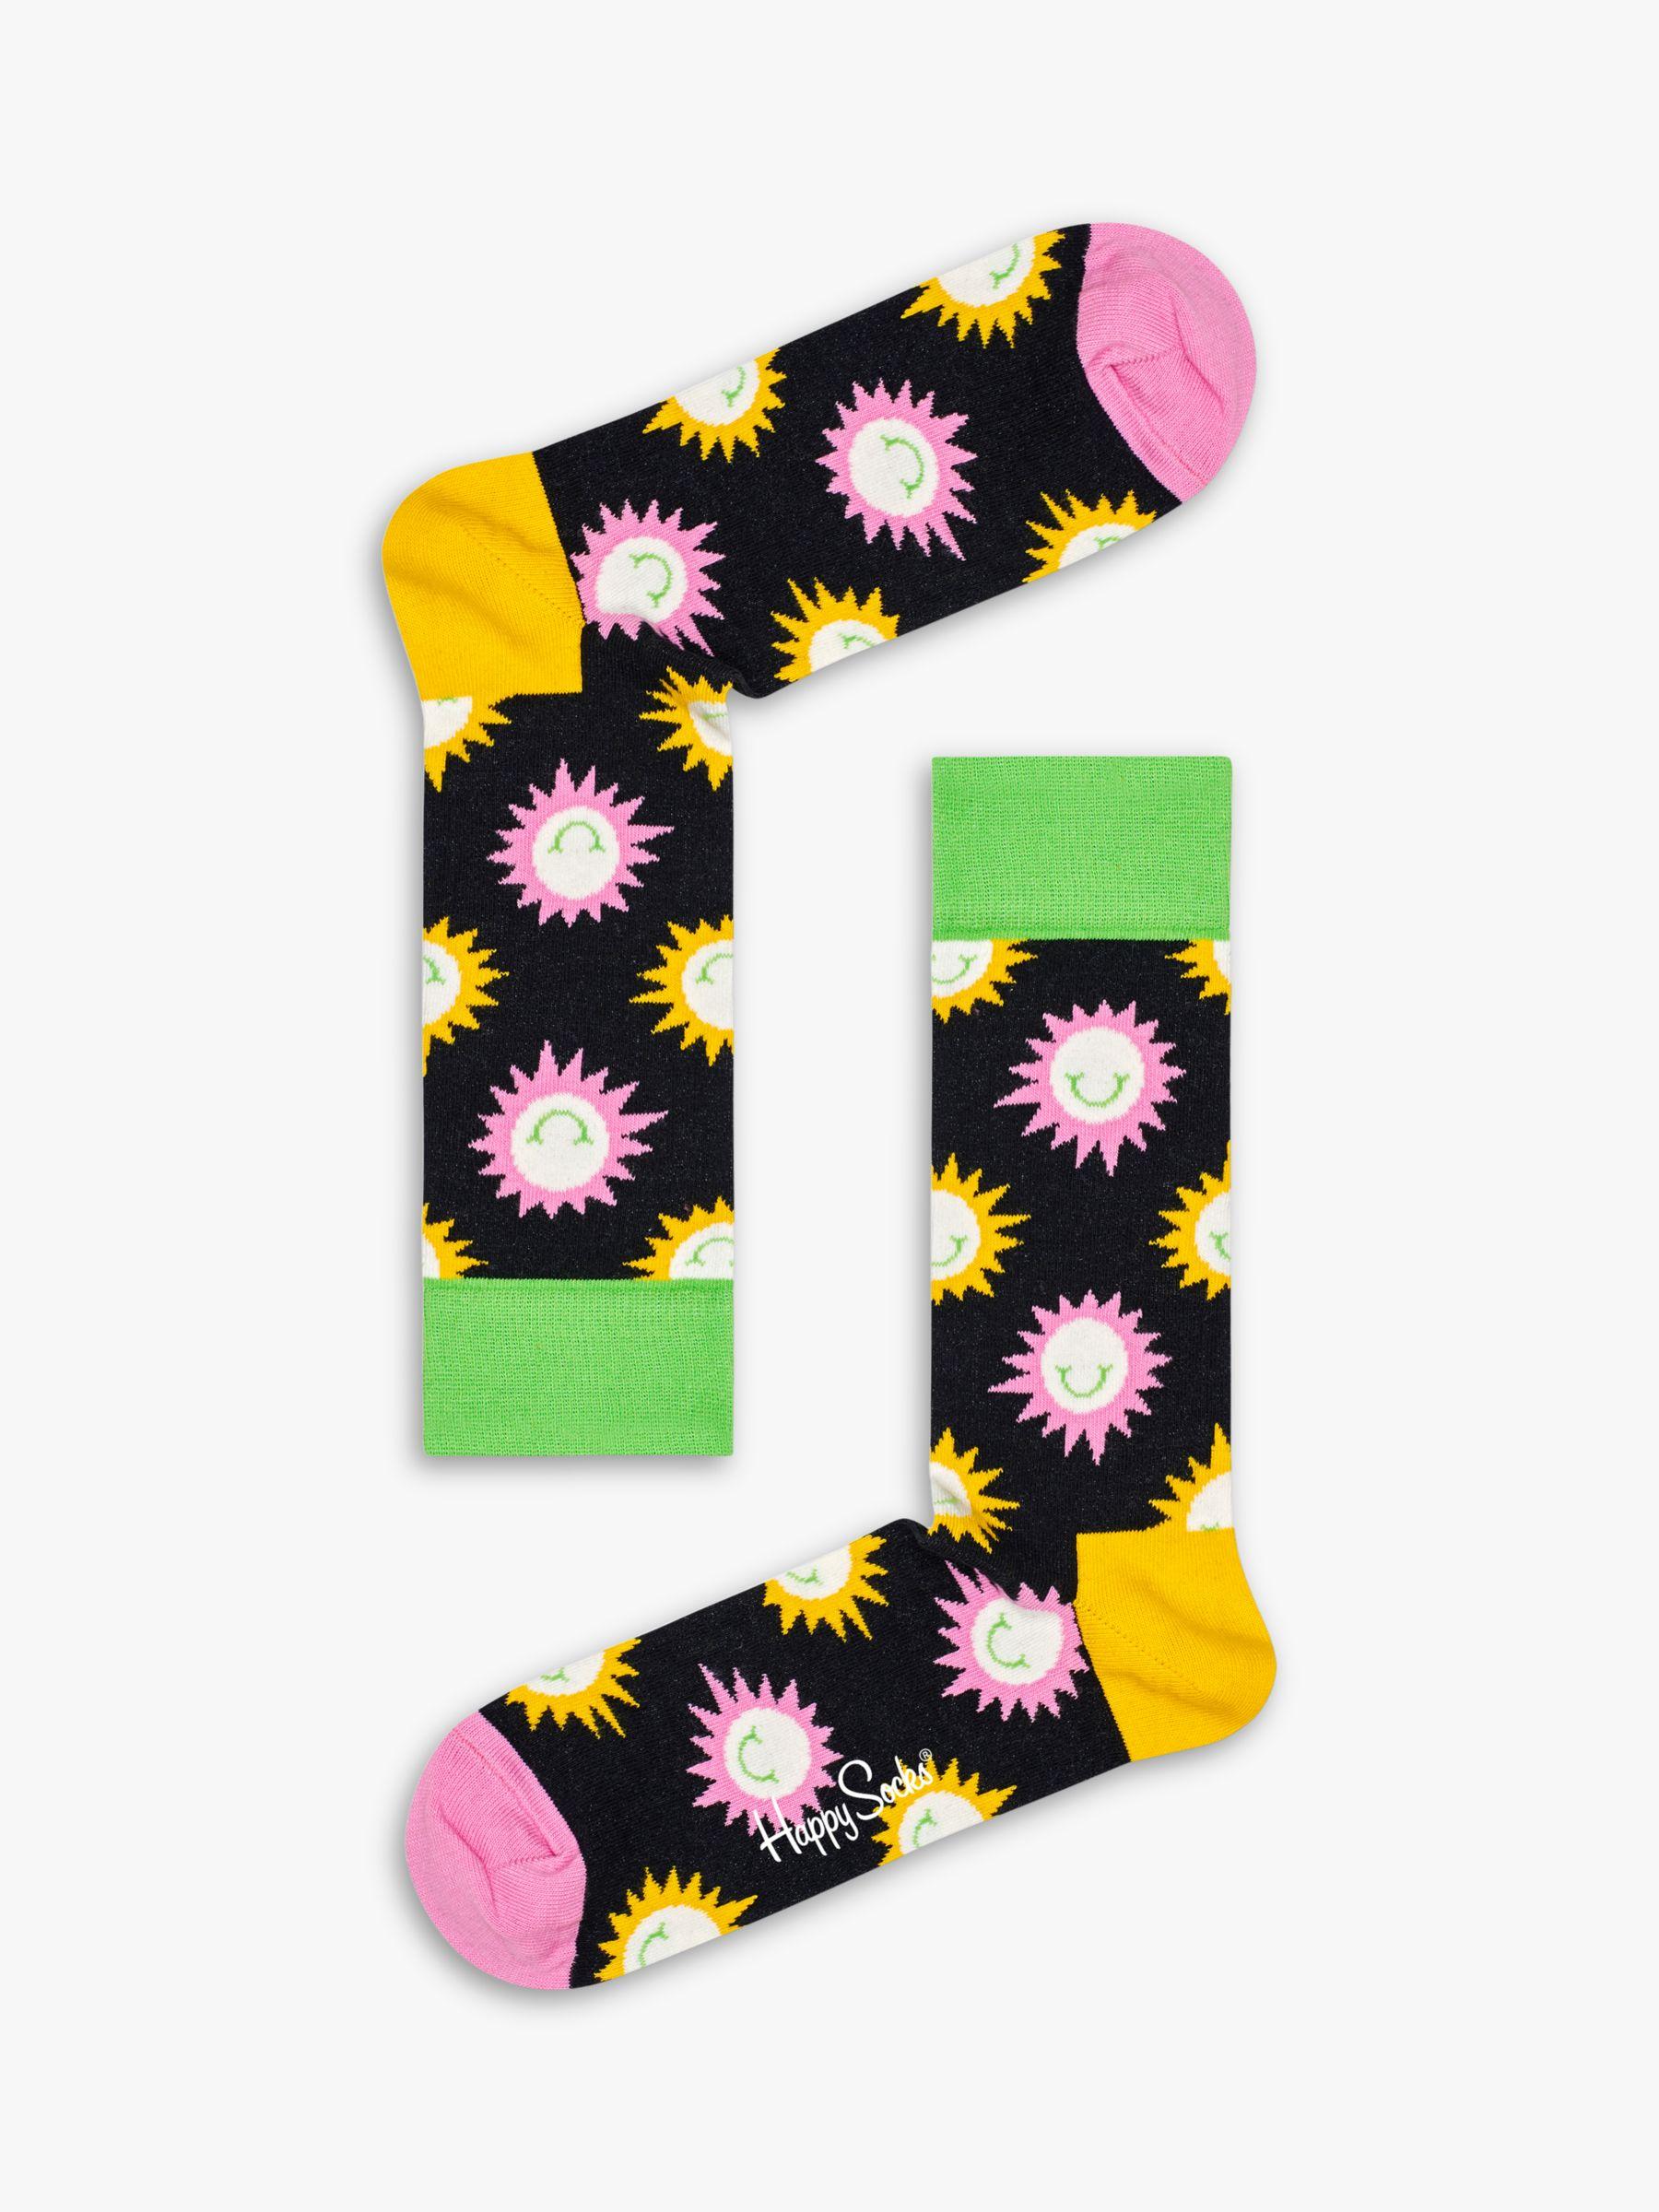 Happy Socks Happy Socks Sunny Smile Print Socks, One Size, Black